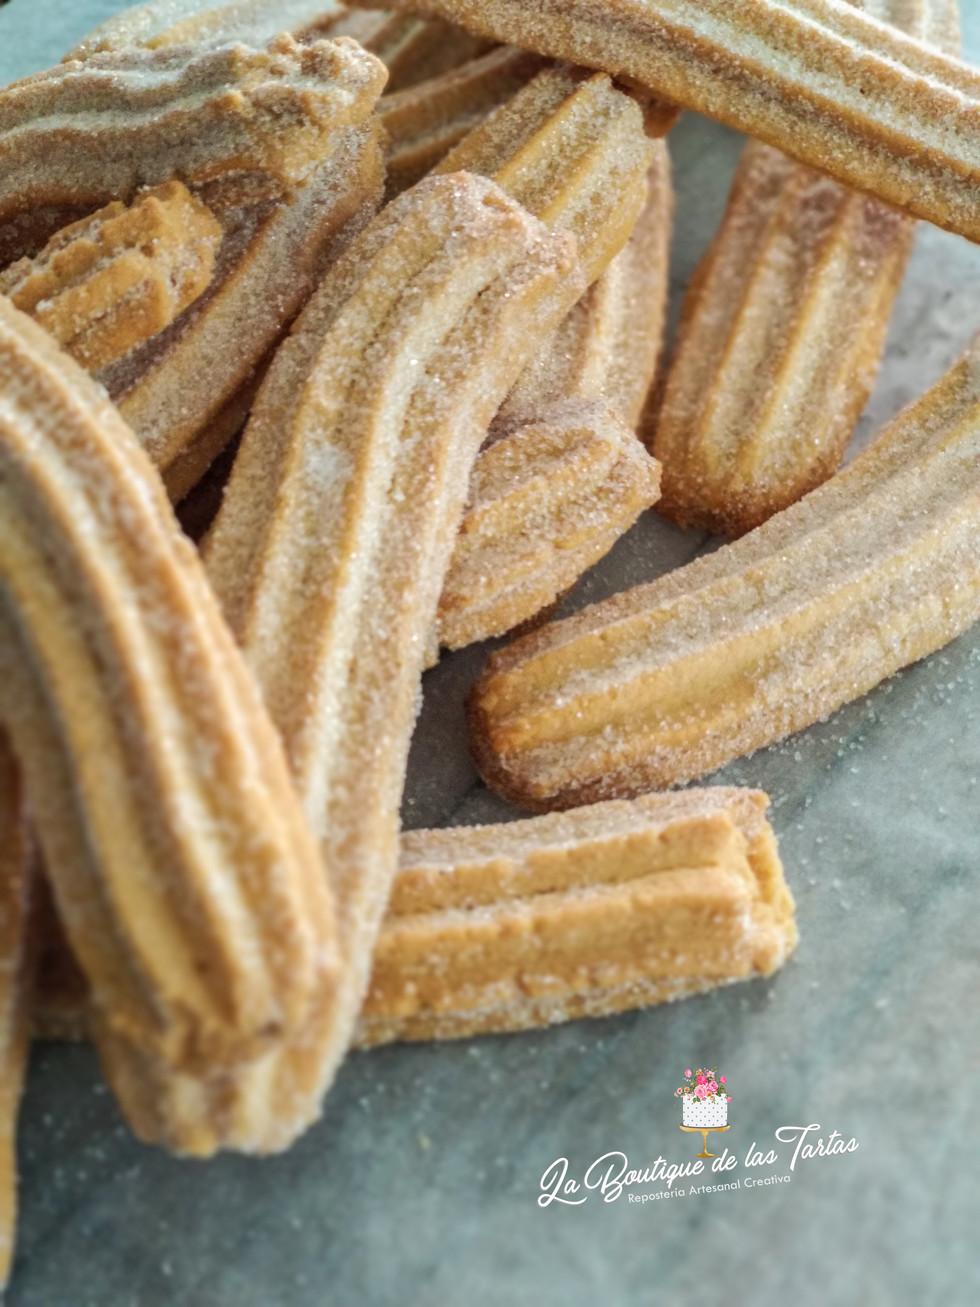 galletas churro 2.jpg